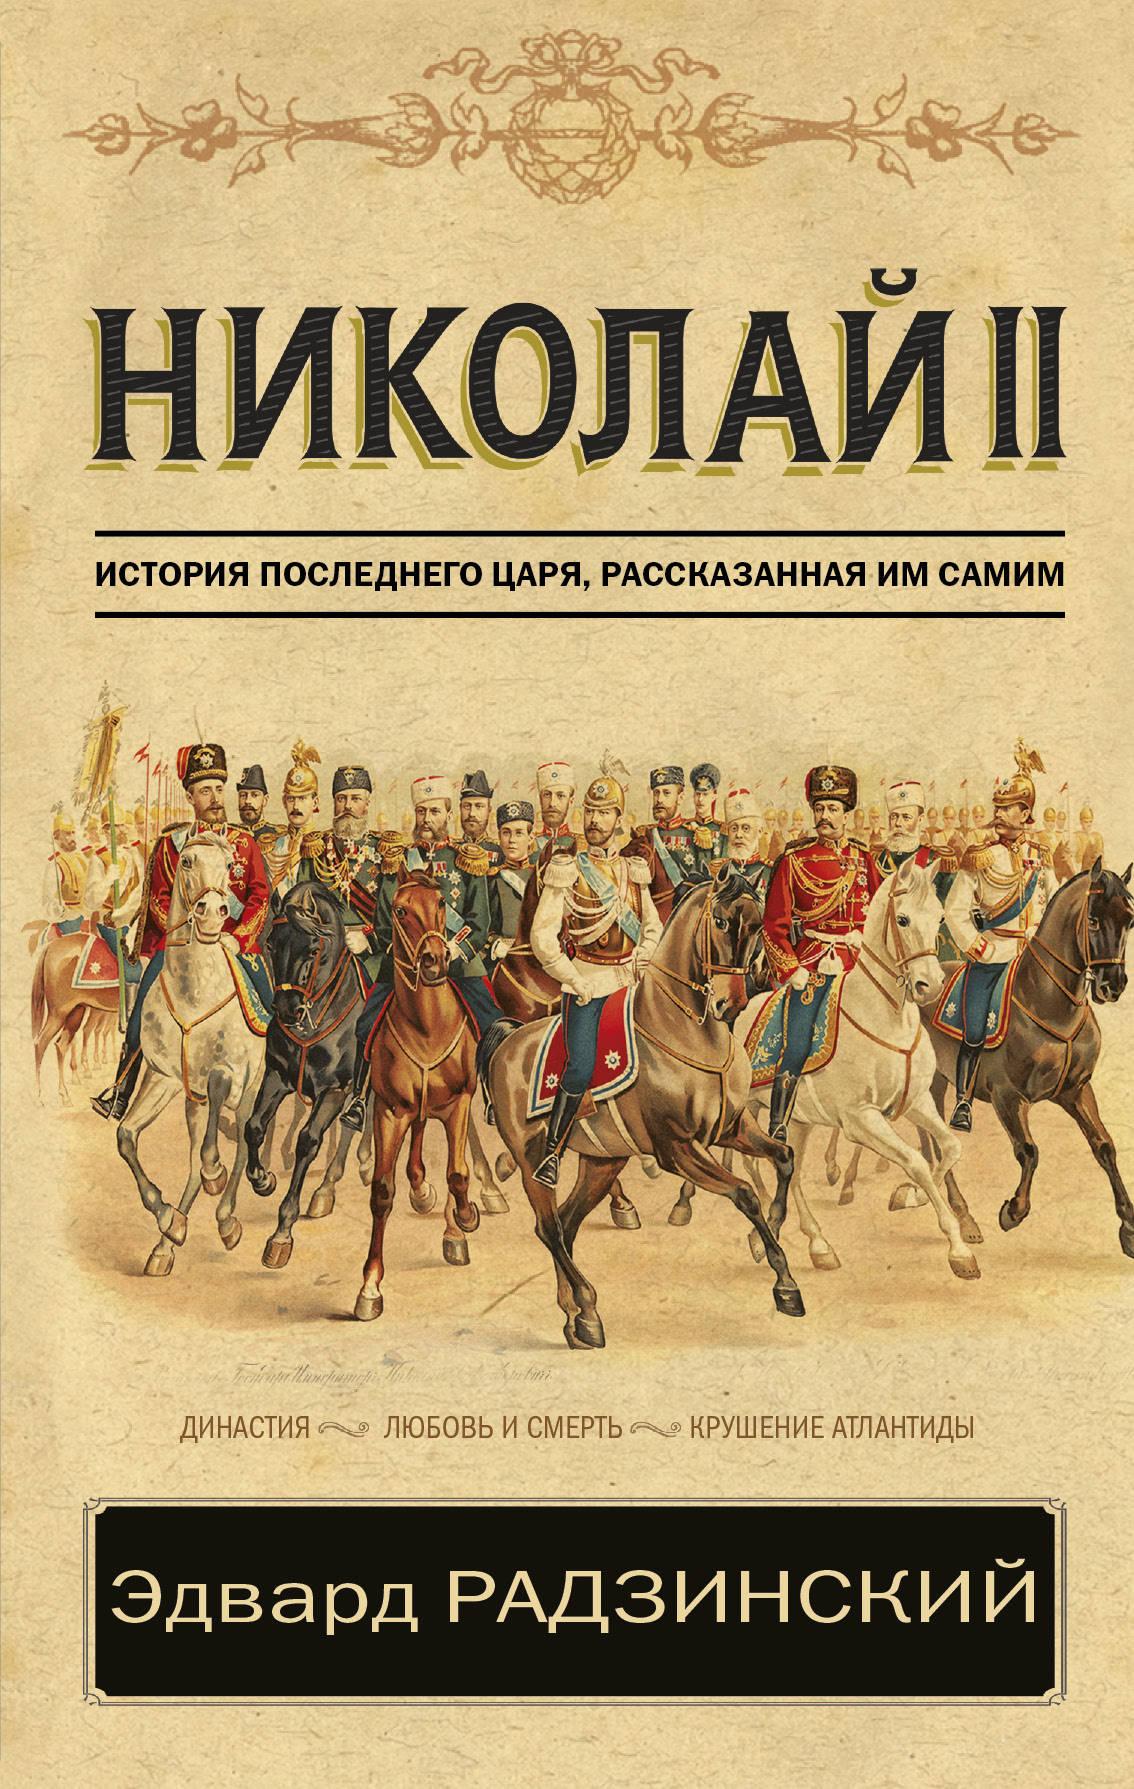 Эдвард Радзинский Николай II. История последнего царя, рассказанная им самим